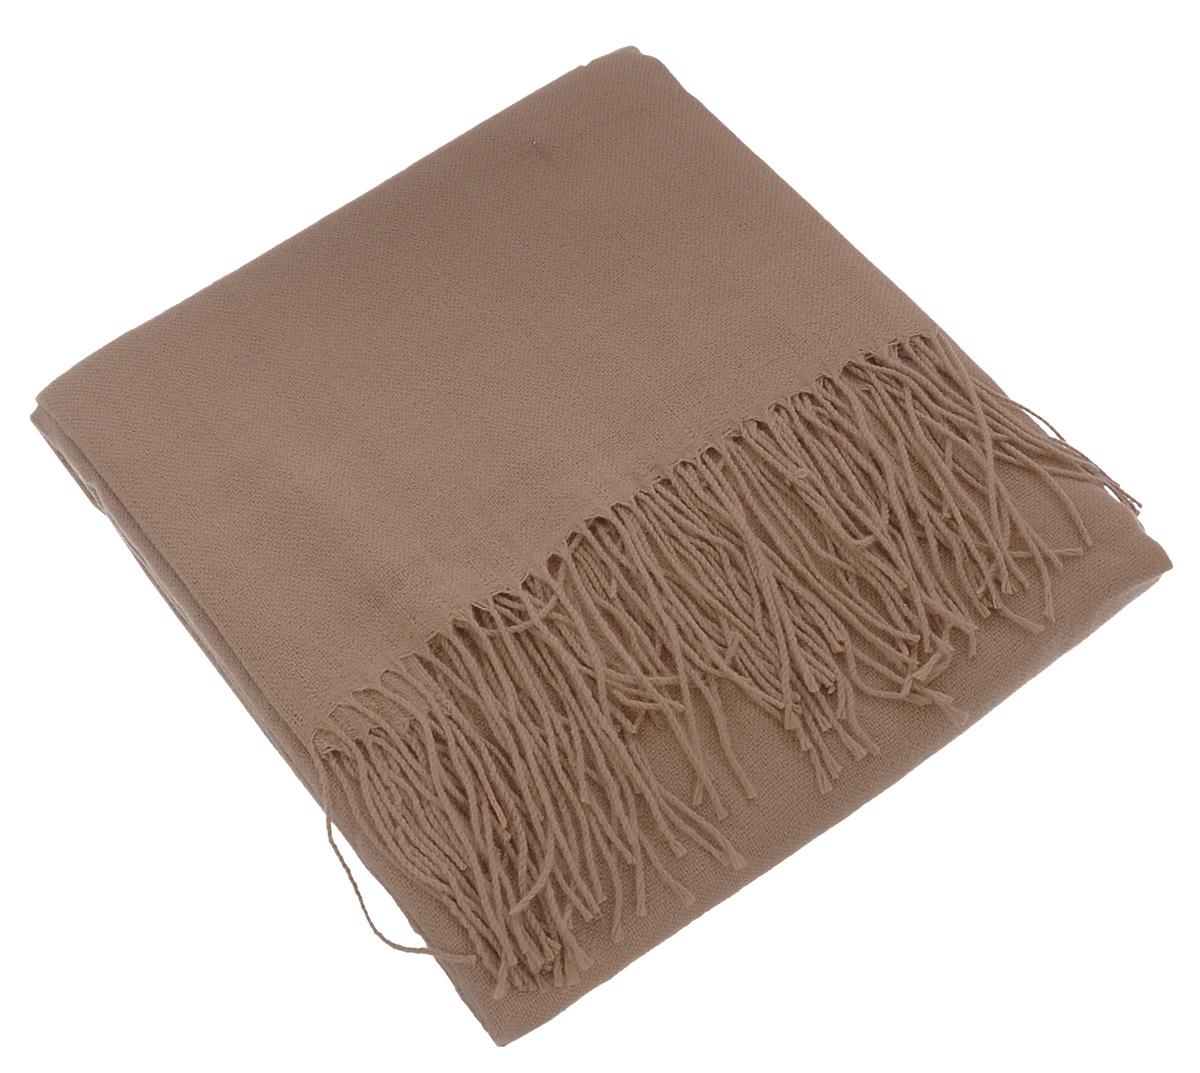 Плед Comfort, цвет: светло-коричневый, 150 х 200 см232178Плед Comfort - это идеальное решение для вашего интерьера! Он порадует вас легкостью, нежностью и оригинальным дизайном! Плед выполнен из полиэстера. Плед - это такой подарок, который будет всегда актуален, особенно для ваших родных и близких, ведь вы дарите им частичку своего тепла!